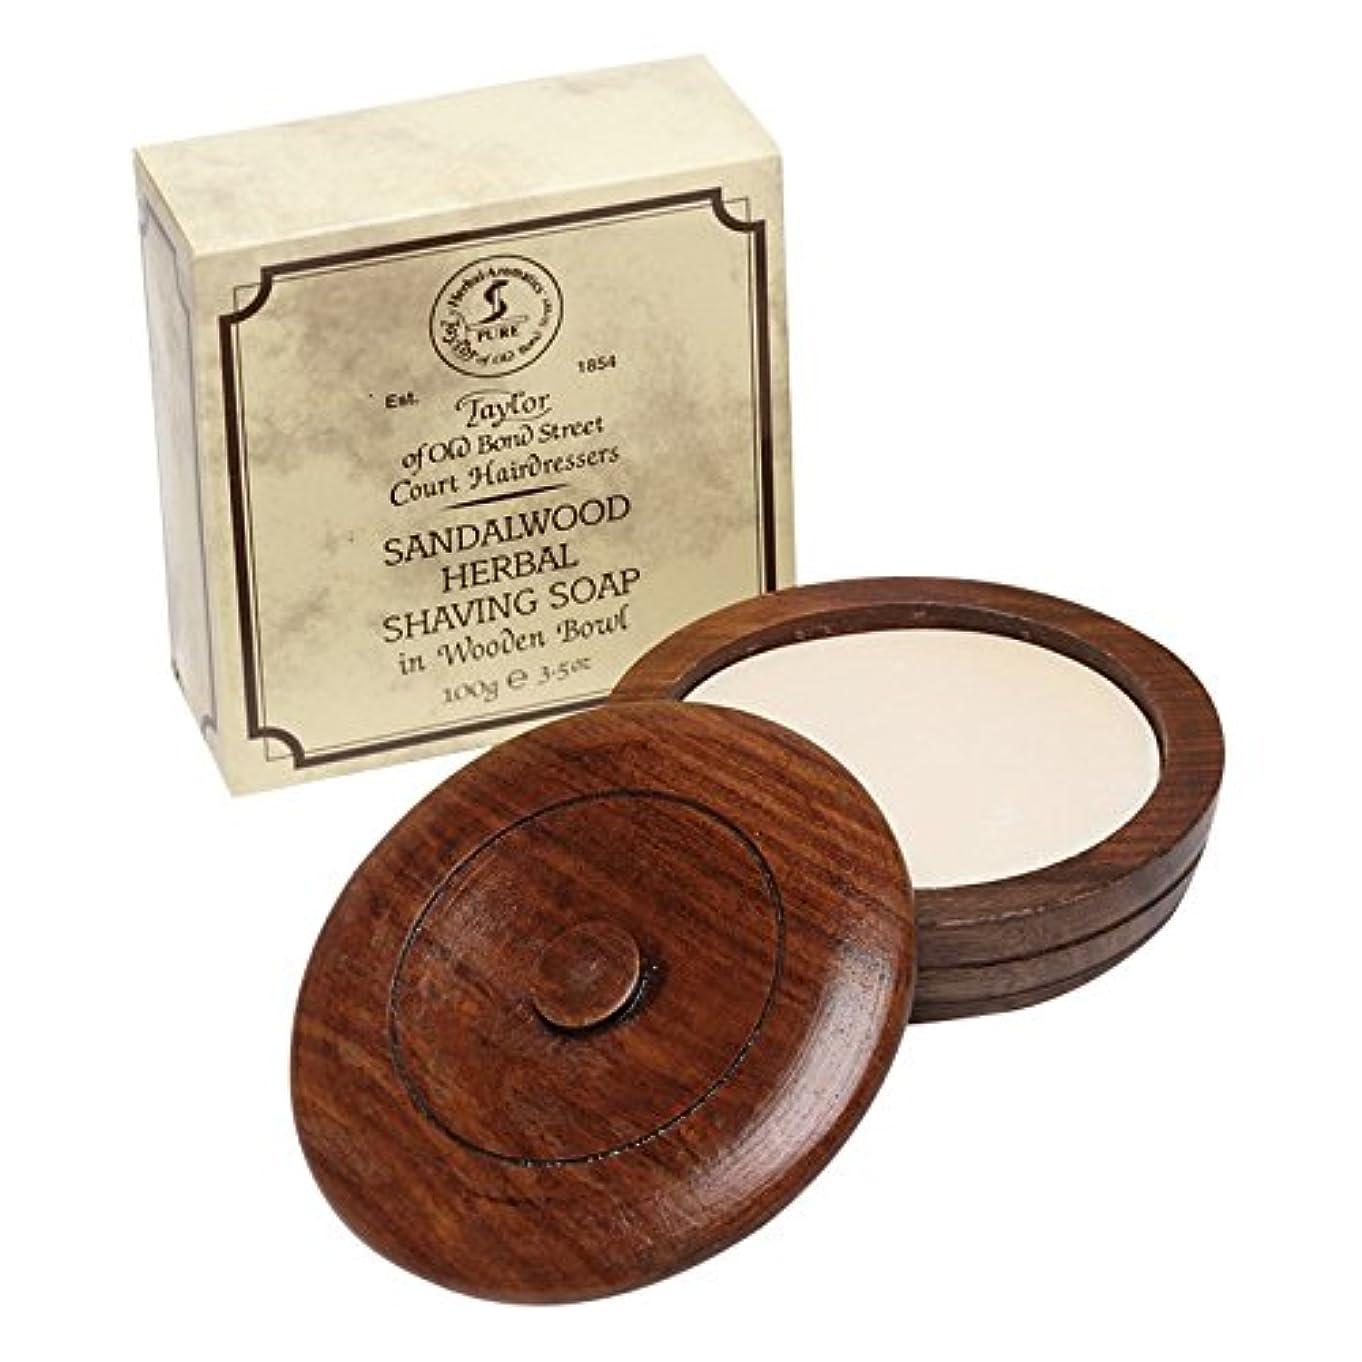 豊かにする勉強するテーブル木製のボウル100グラム古いボンド?ストリート白檀シェービングソープのテイラー (Taylor of Old Bond Street) (x6) - Taylor of Old Bond Street Sandalwood Shaving Soap with Wooden Bowl 100g (Pack of 6) [並行輸入品]